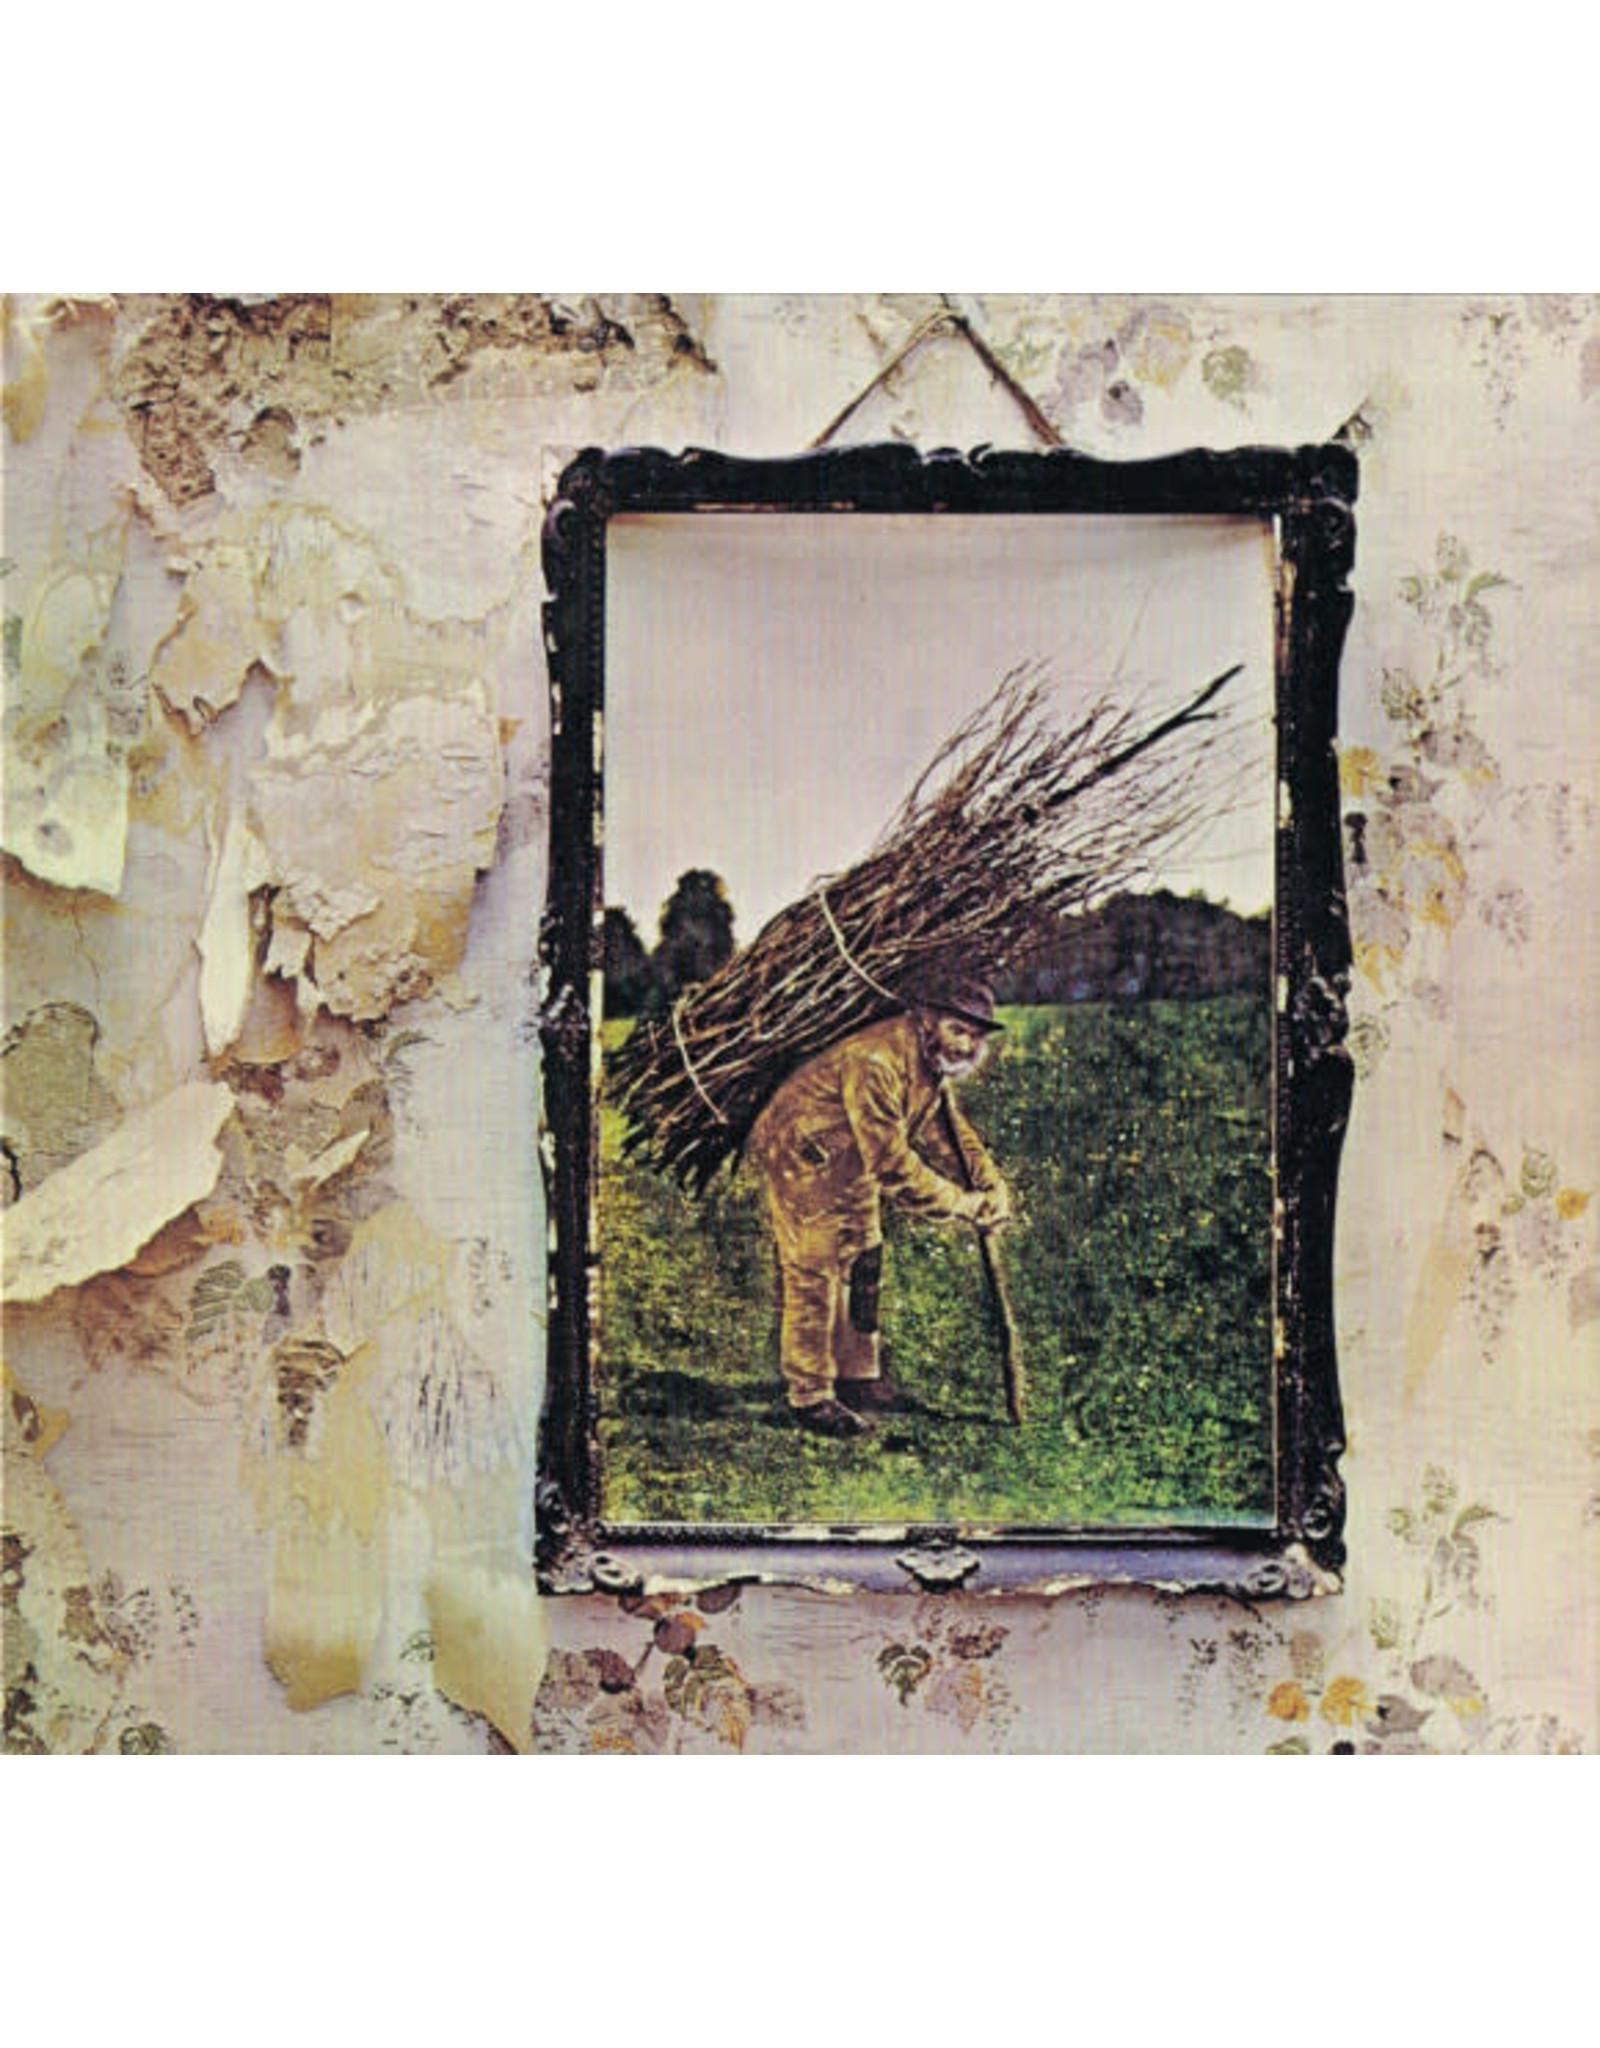 Led Zeppelin - IV (RM) CD